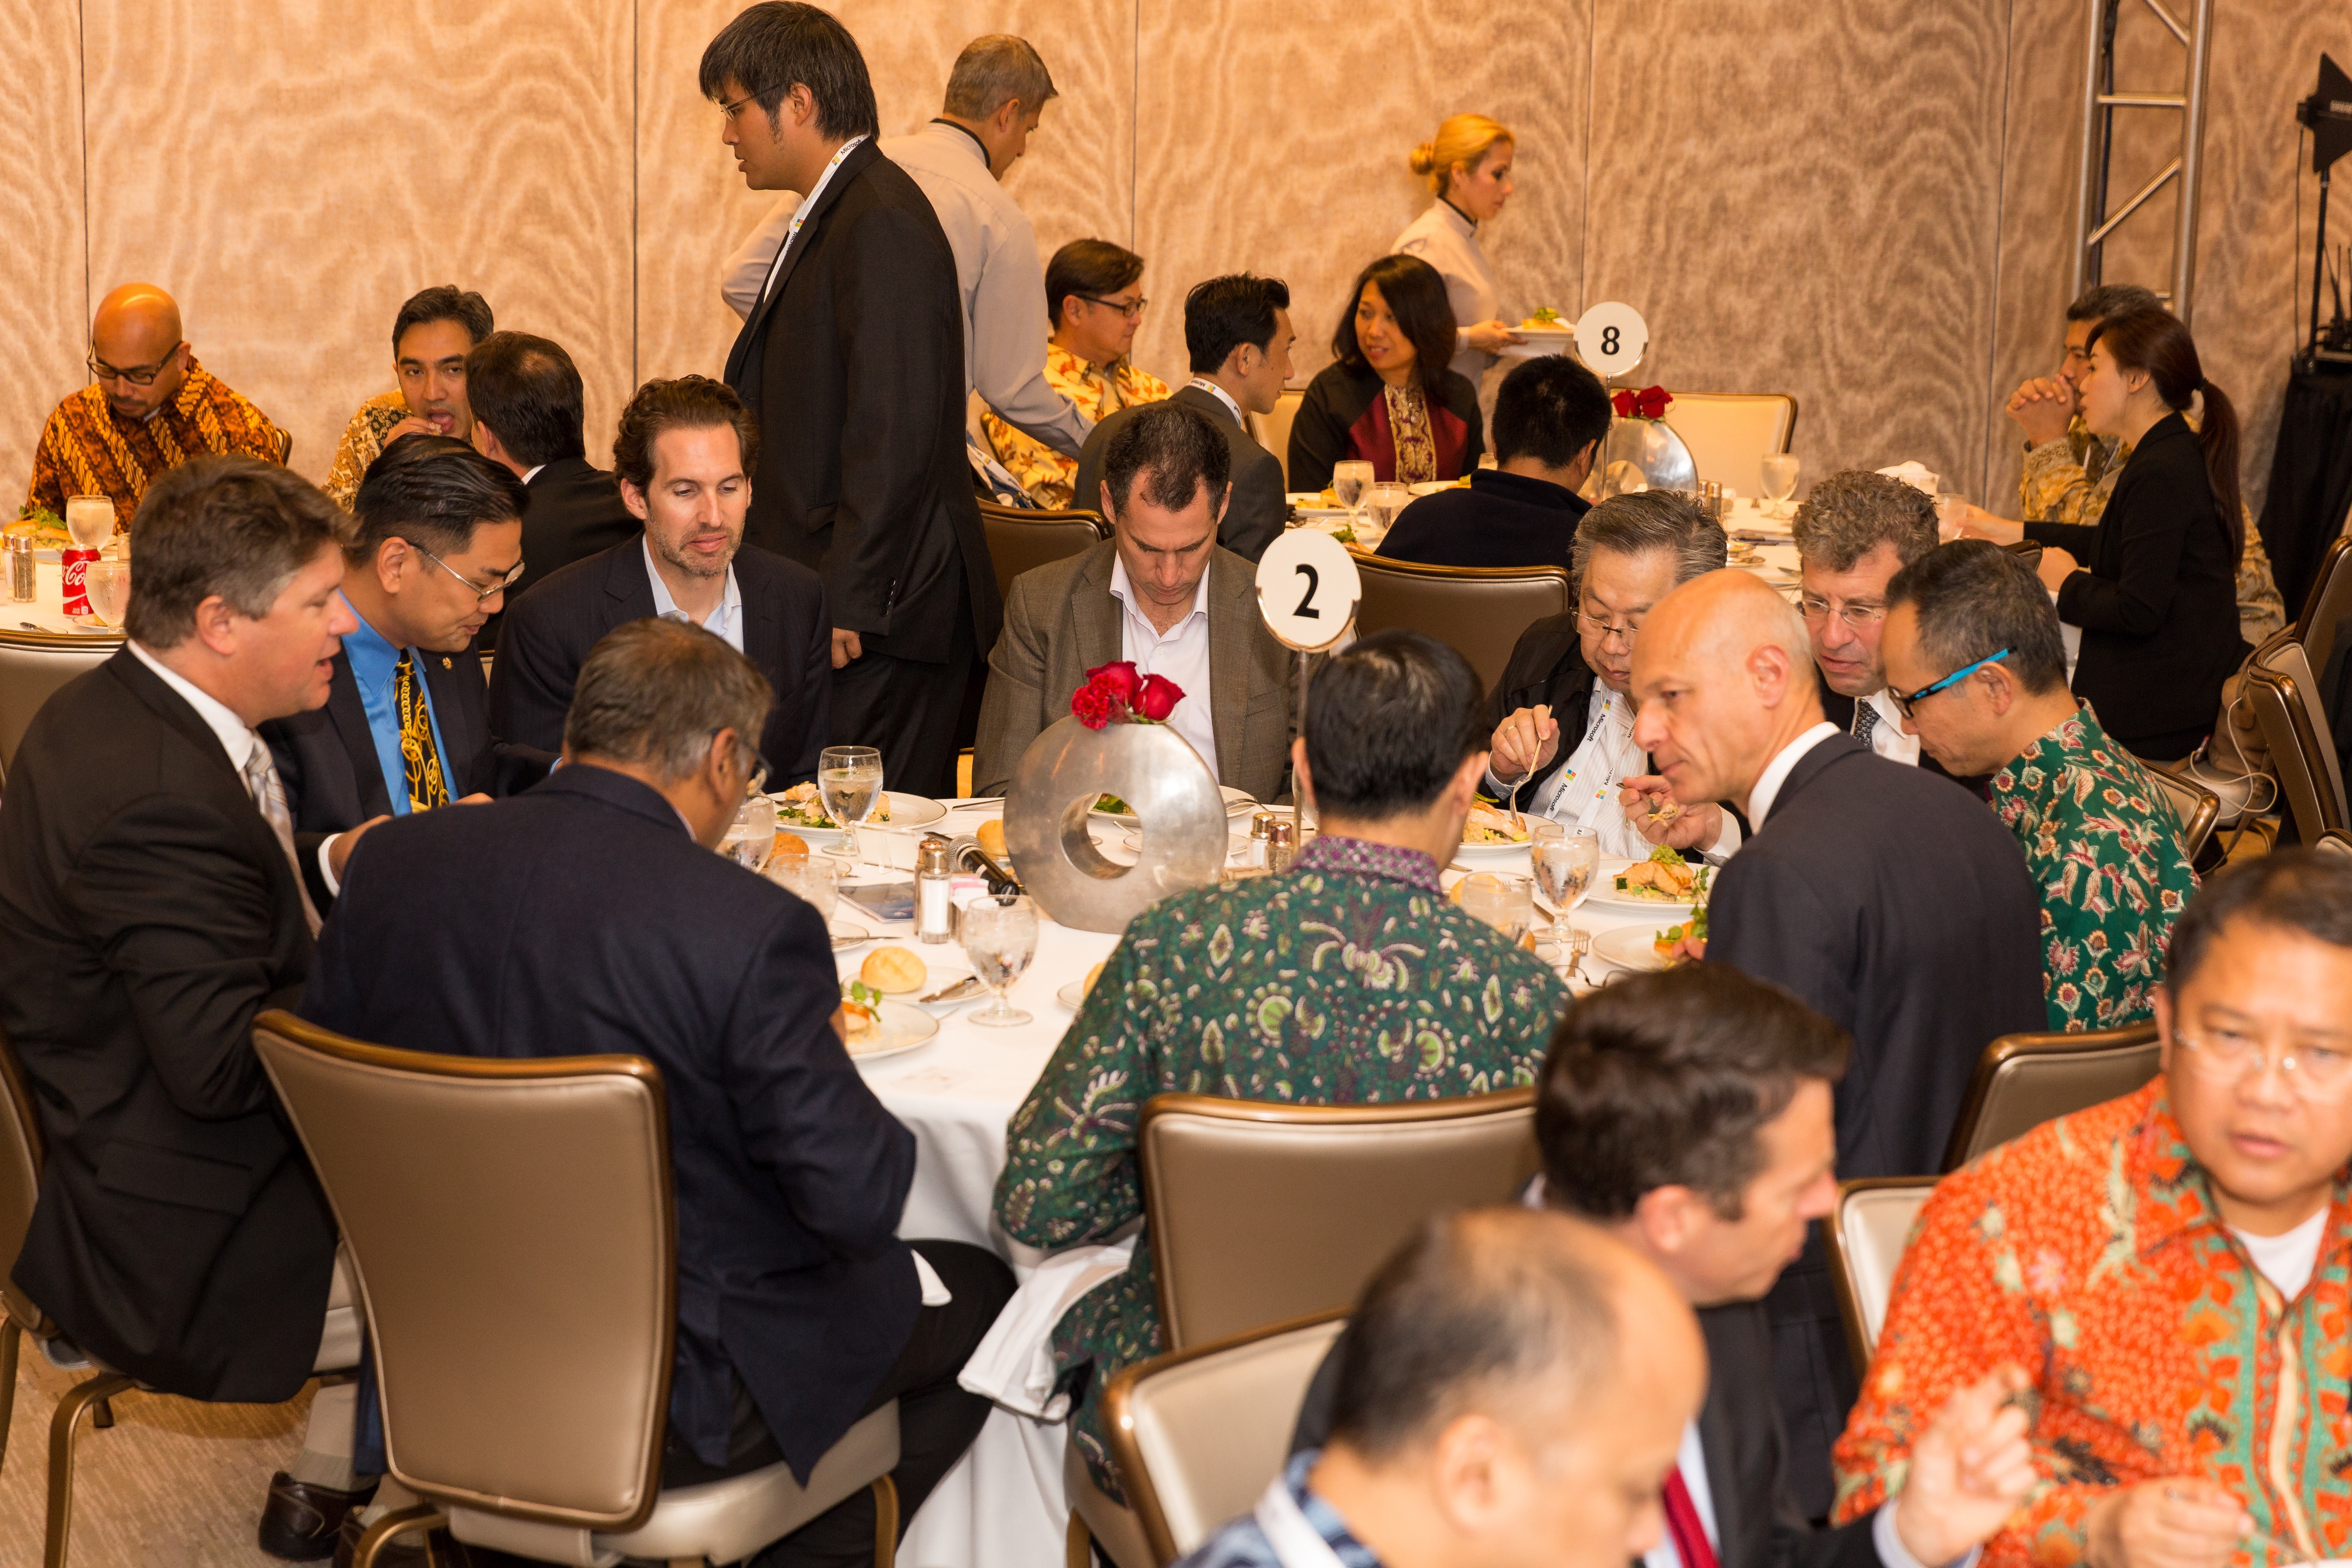 Indo delegation visit to SV - 58 of 115